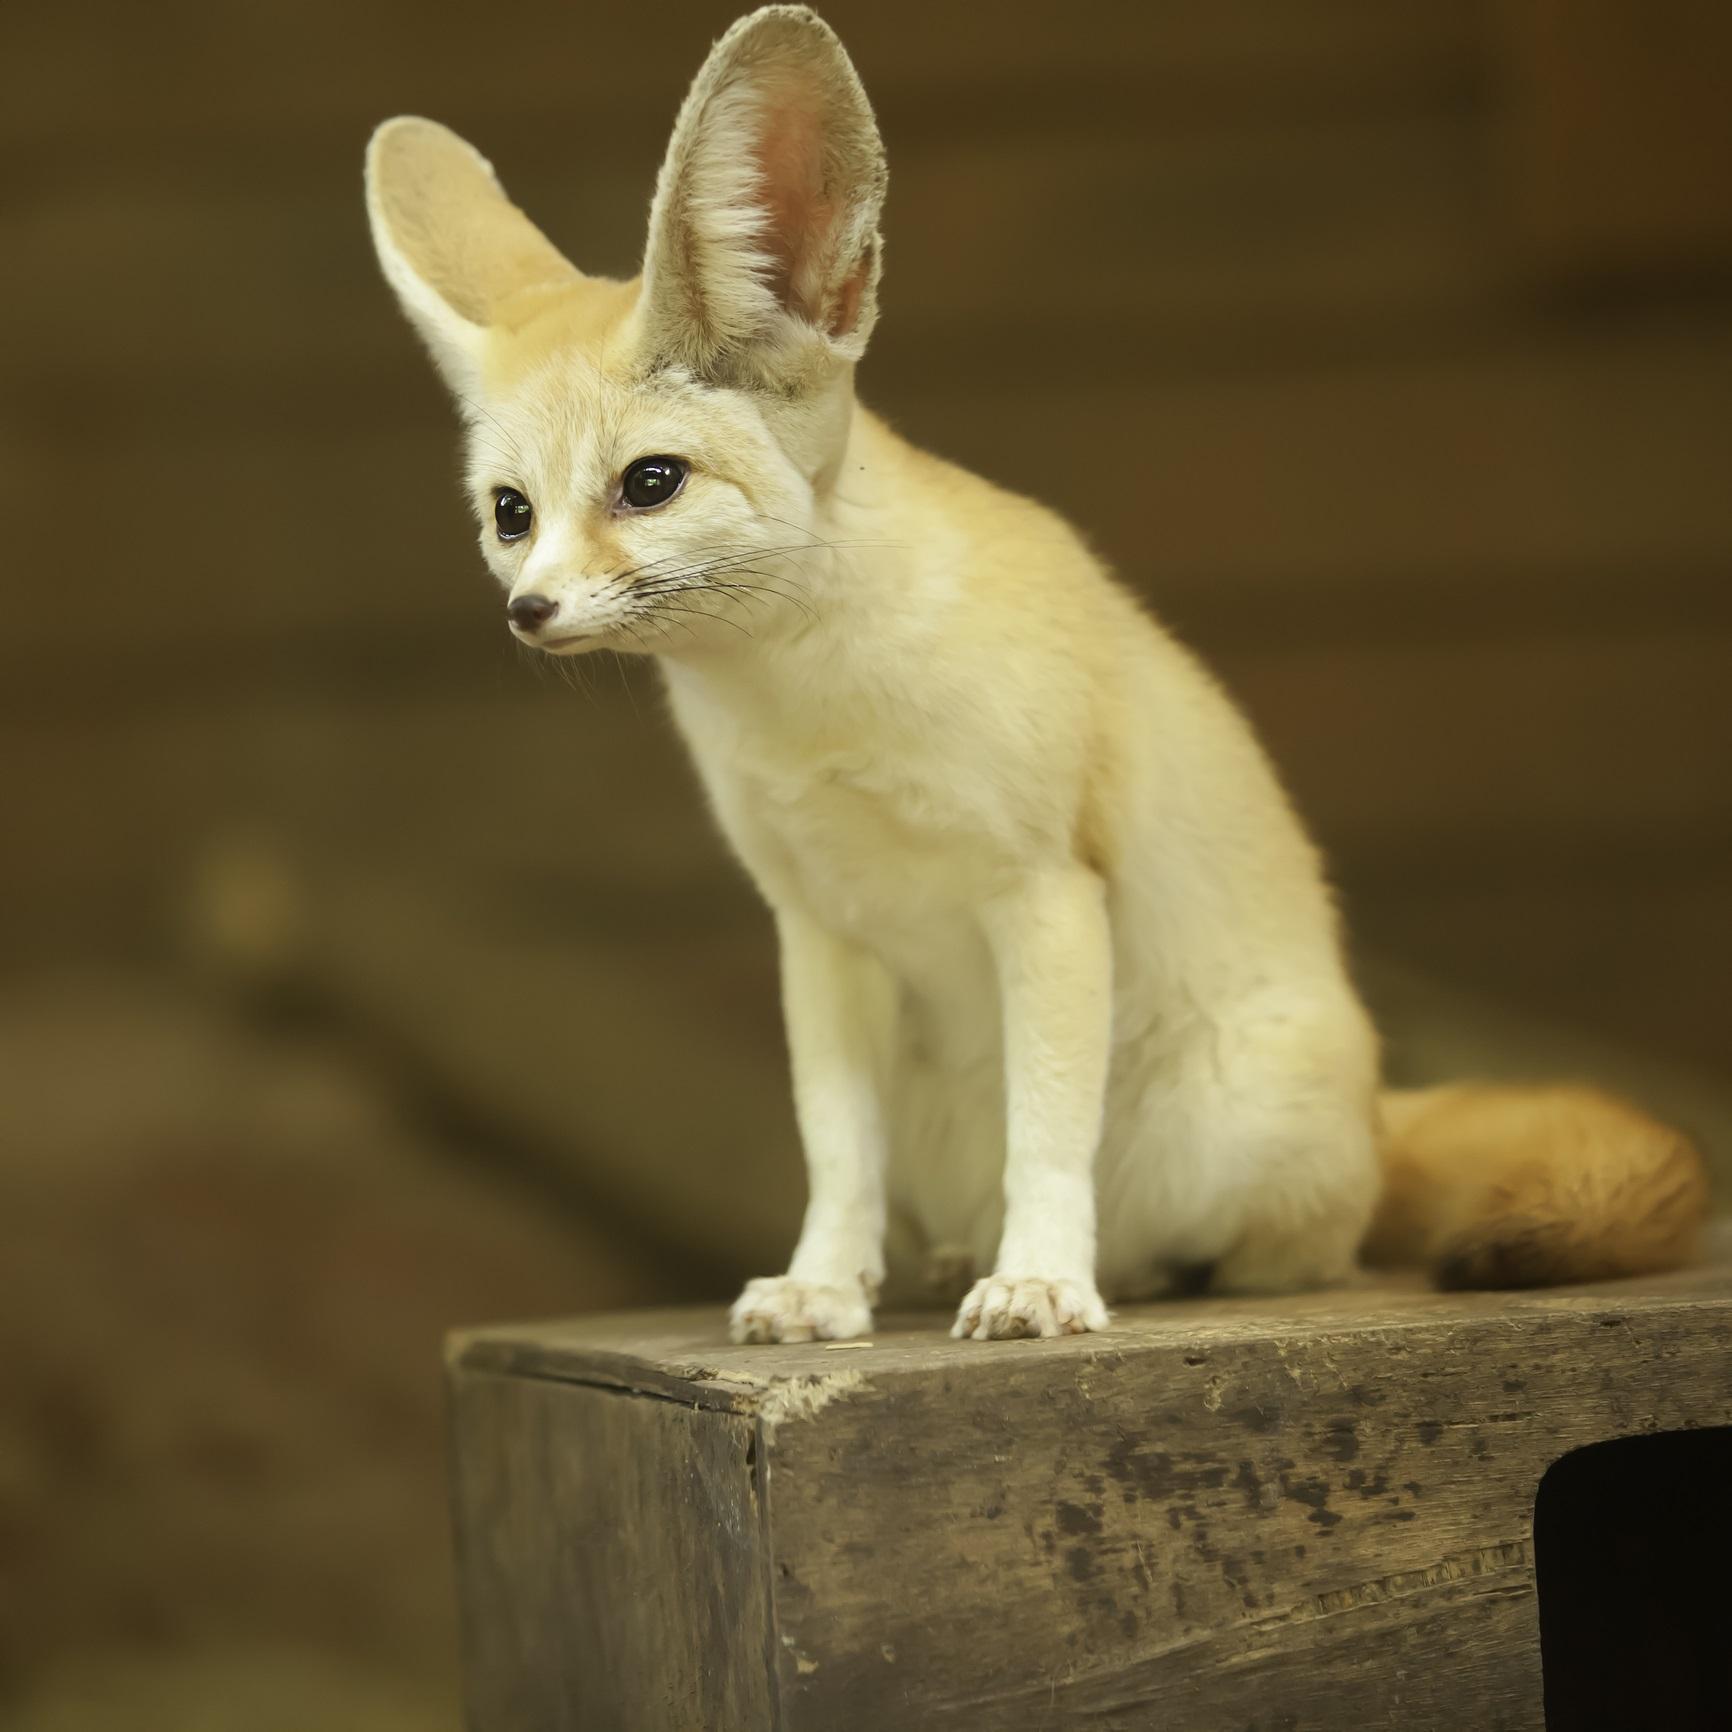 Фенек Фенекът е много малка нощна лисица с гигантски уши, които използва, за да разпръсва топлина. Тя се среща само в пустинята Сахара. Фенекът има доста космати крачета, които му служат като снегоходки, за да се движи през горещия пясък. Този вид лисици живеят в диви подземни пещери в малки общости, но за съжаление техният очарователен външен вид ги превръща в мишени, които биват пленявани за пазара на домашни любимци.